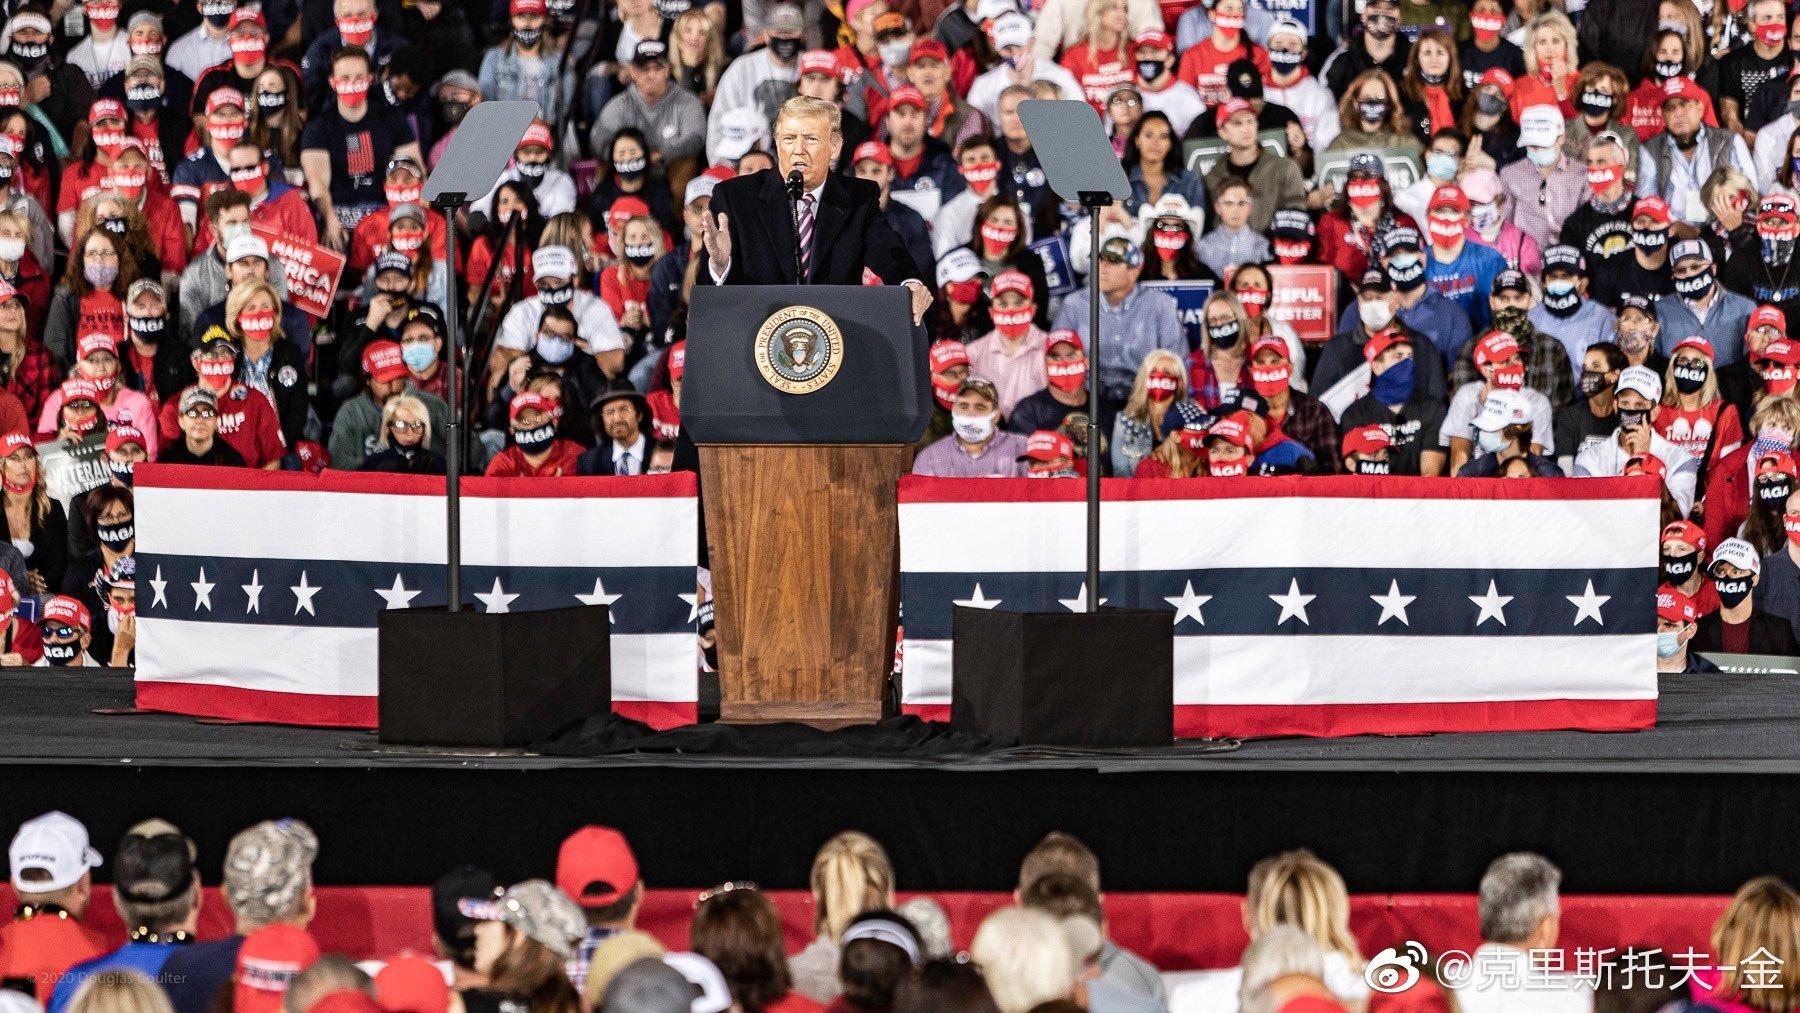 今晚,川普在宾西法利亚州机场竞选造势,人山人海